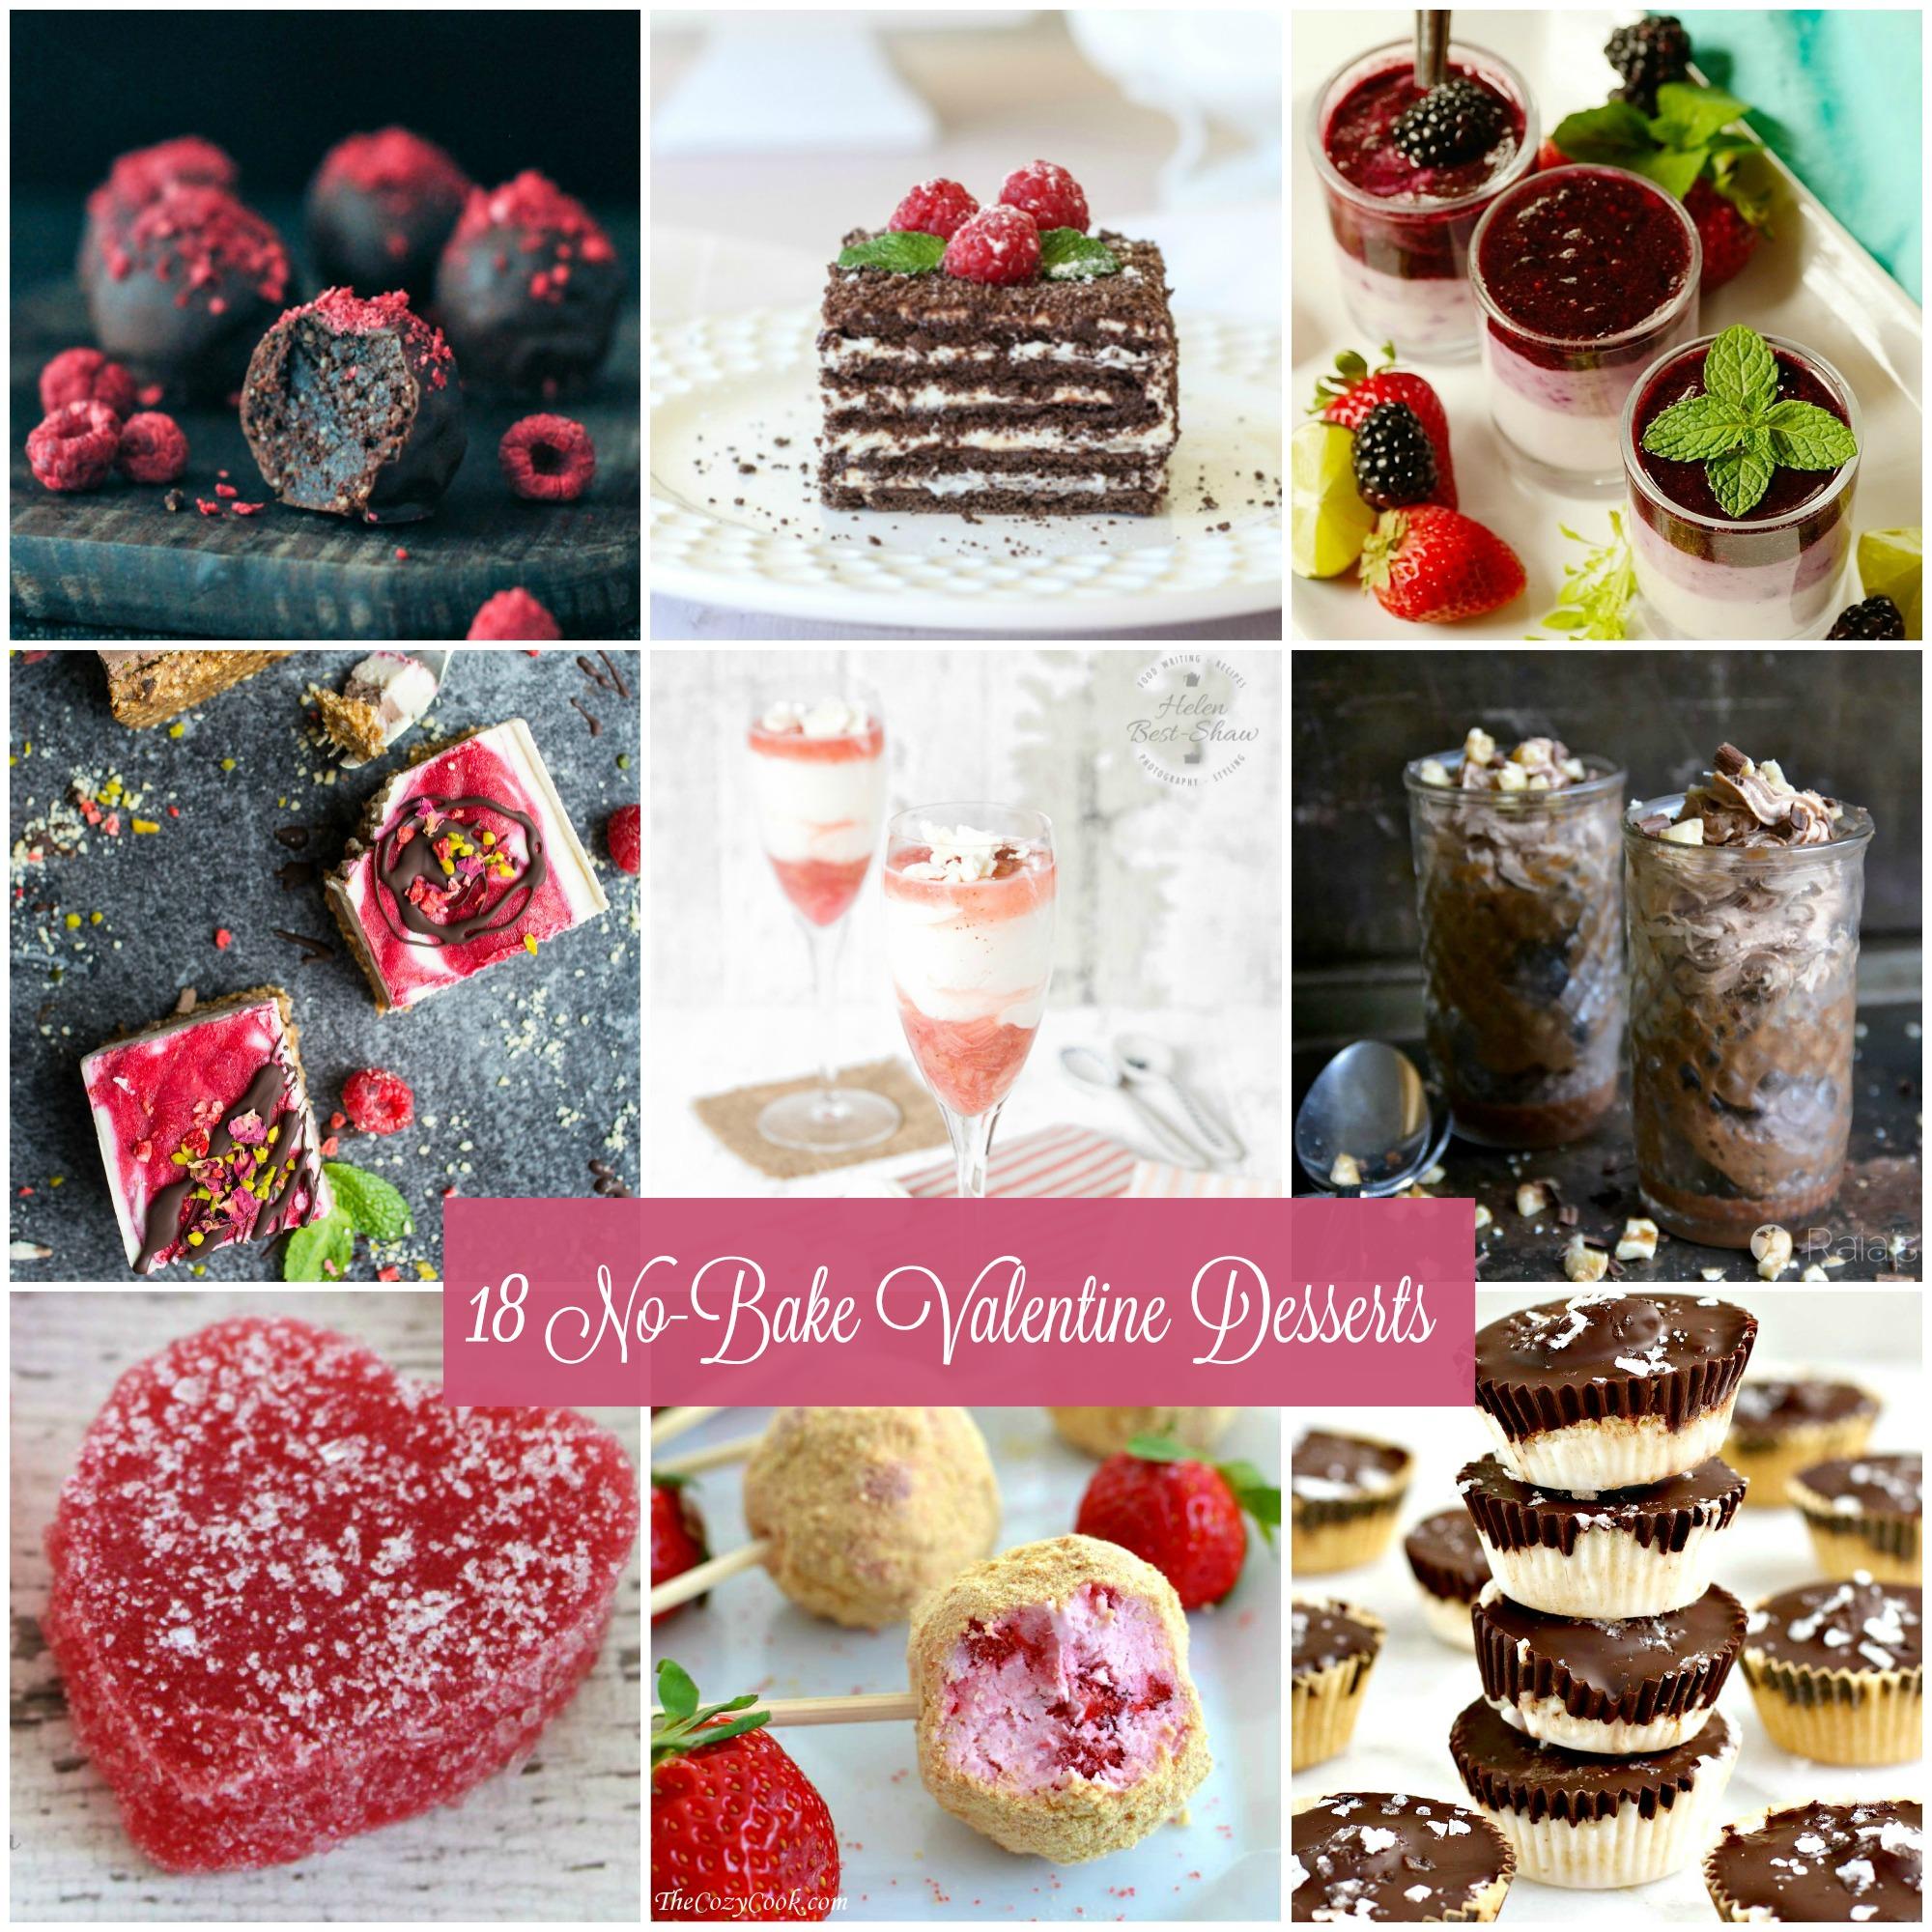 No bake valentine desserts